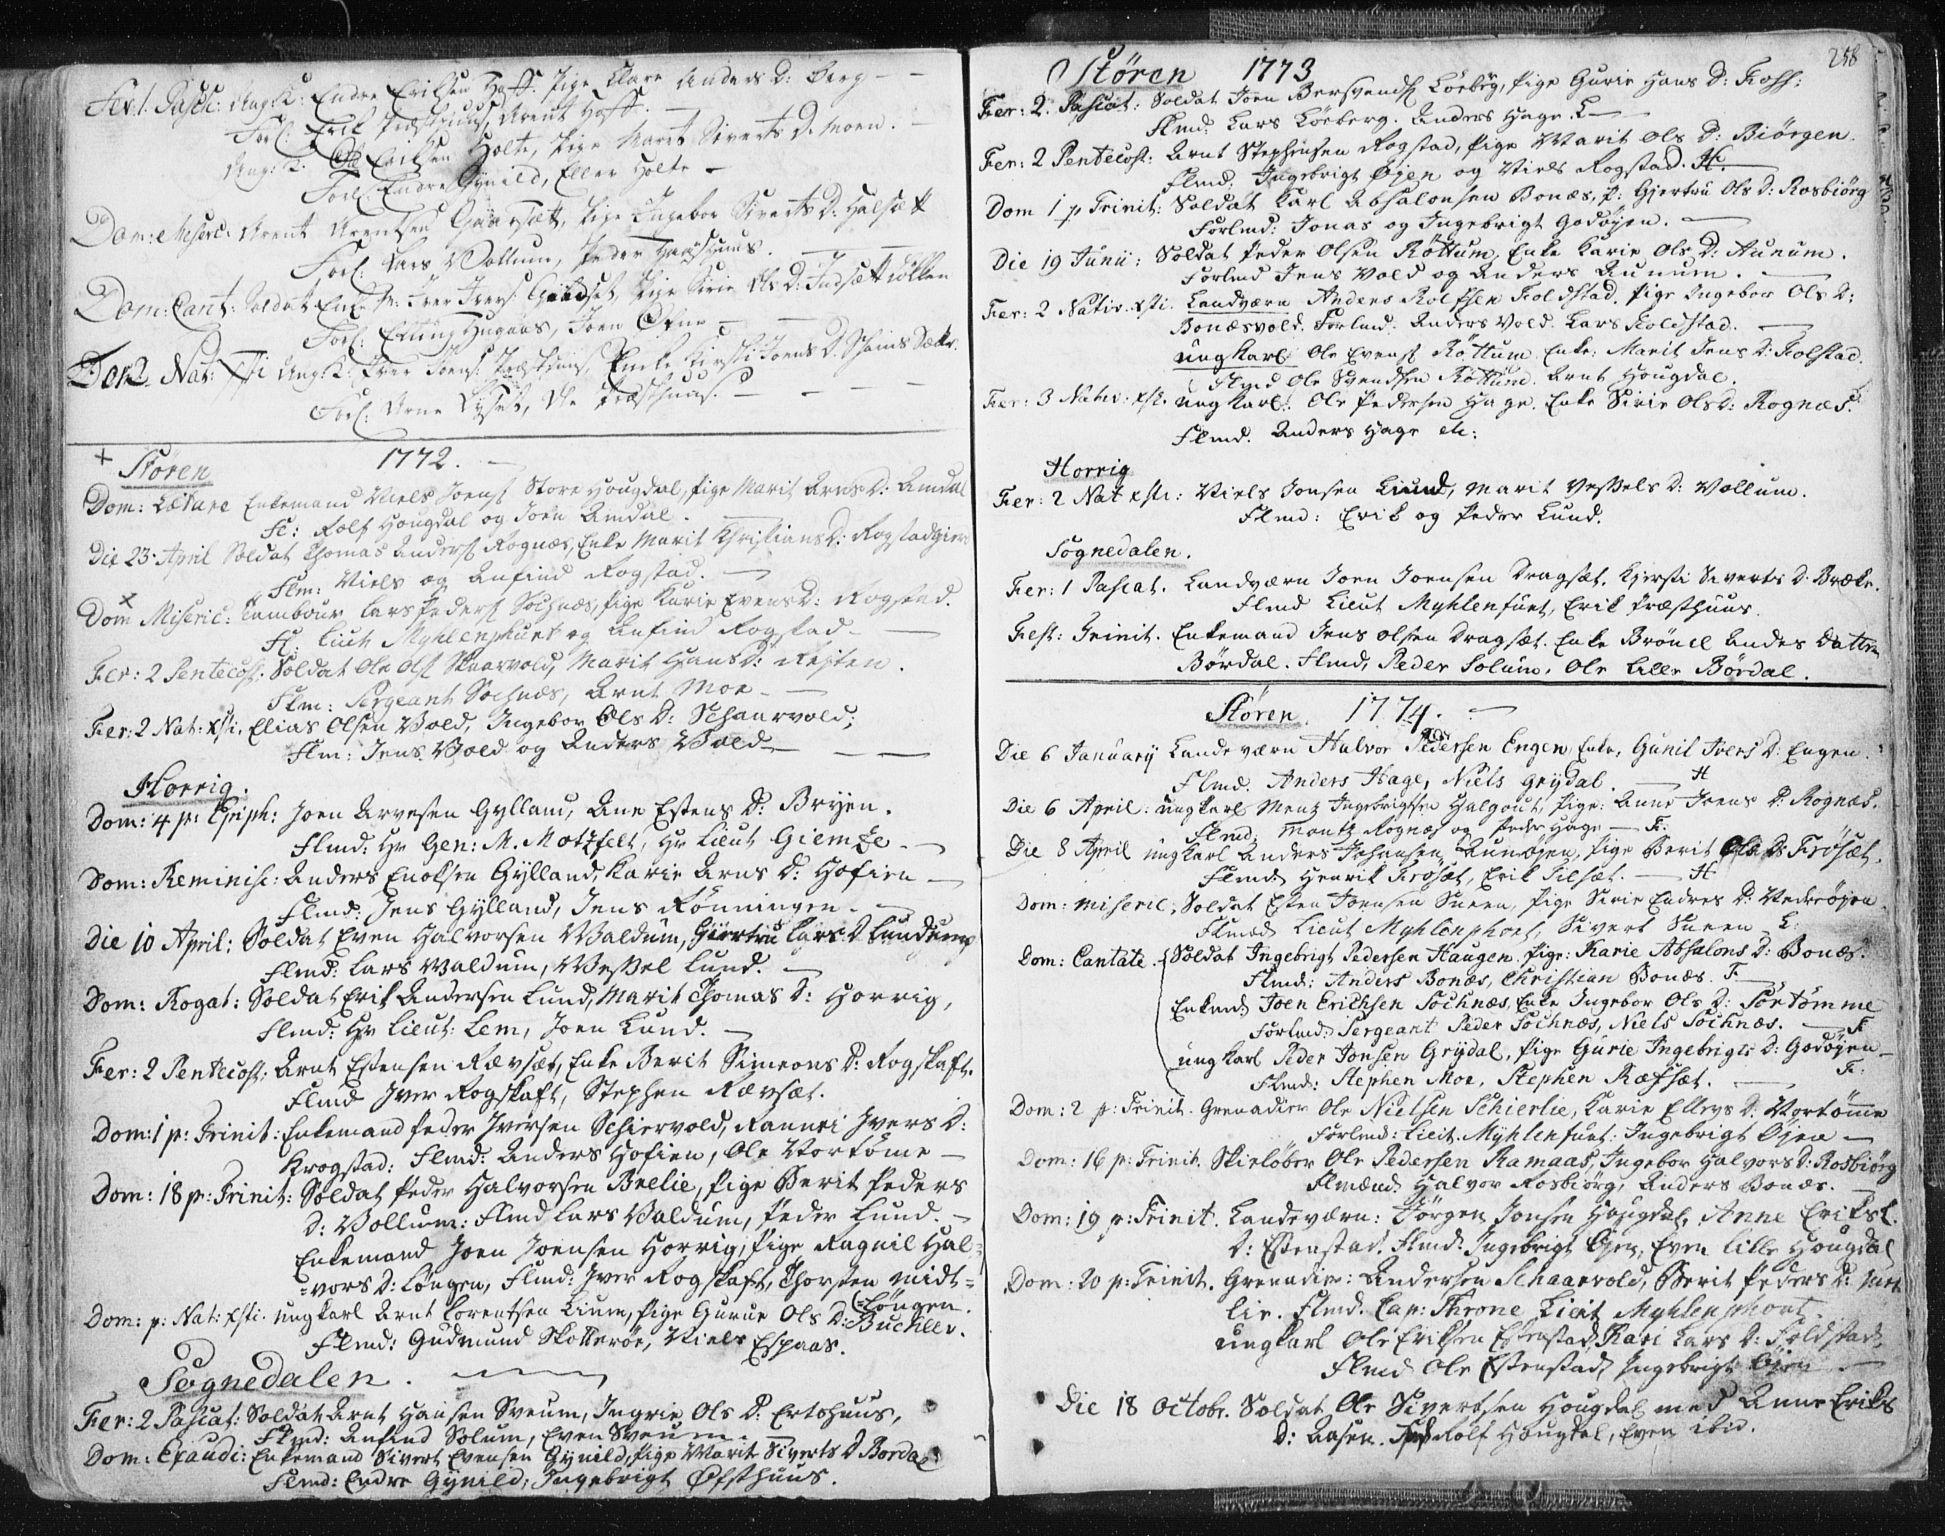 SAT, Ministerialprotokoller, klokkerbøker og fødselsregistre - Sør-Trøndelag, 687/L0991: Ministerialbok nr. 687A02, 1747-1790, s. 258